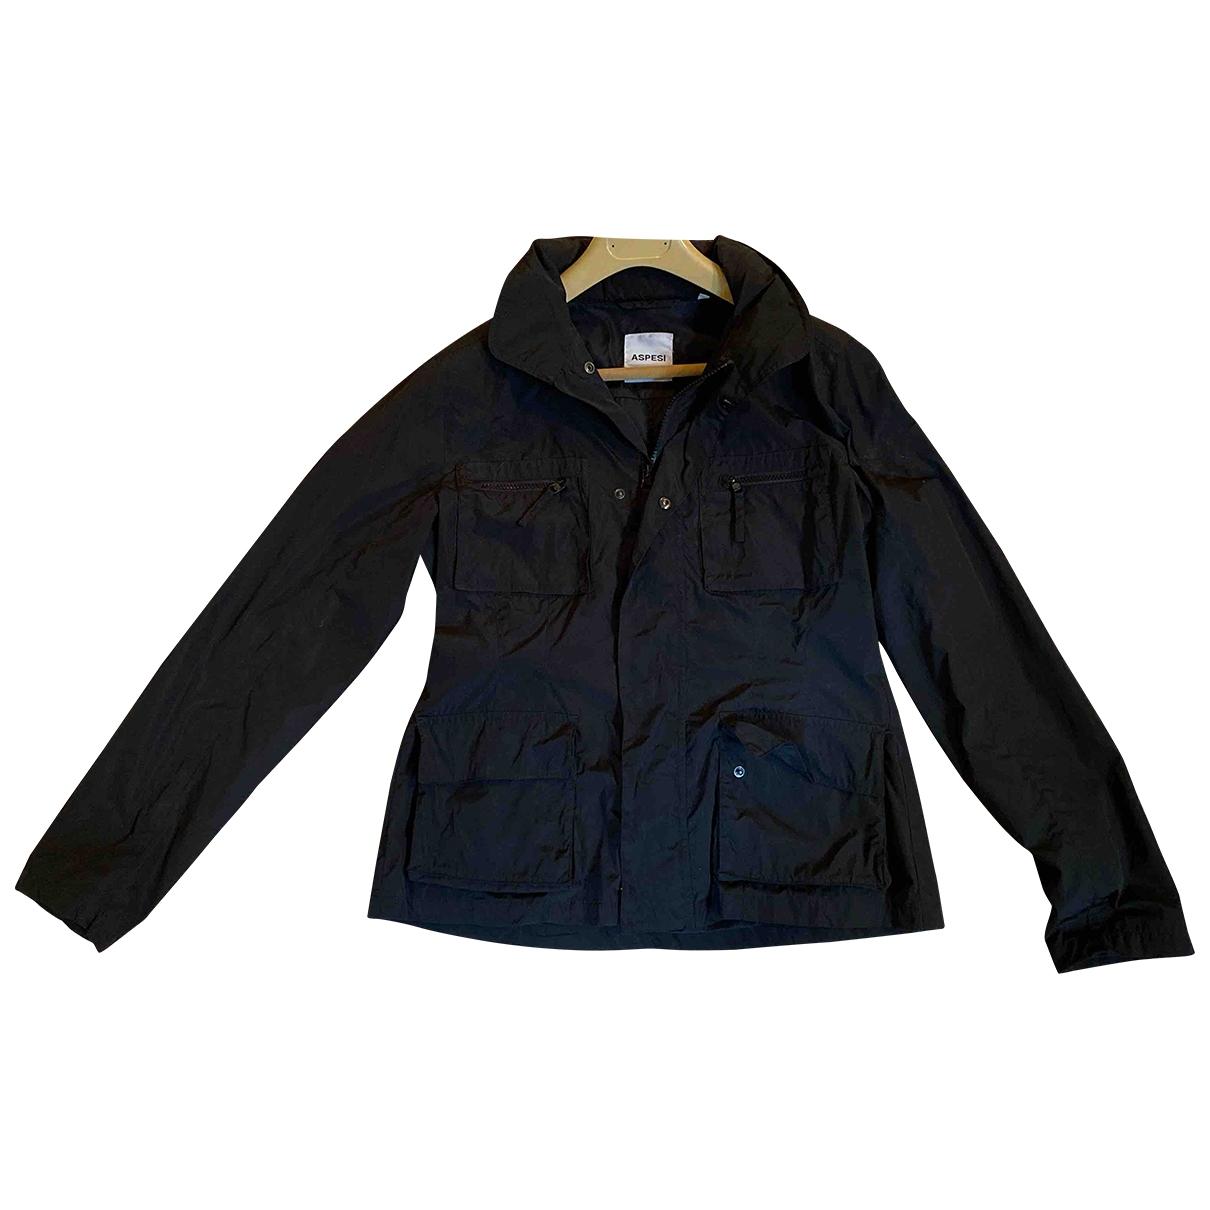 Aspesi \N Black jacket for Women 46 IT